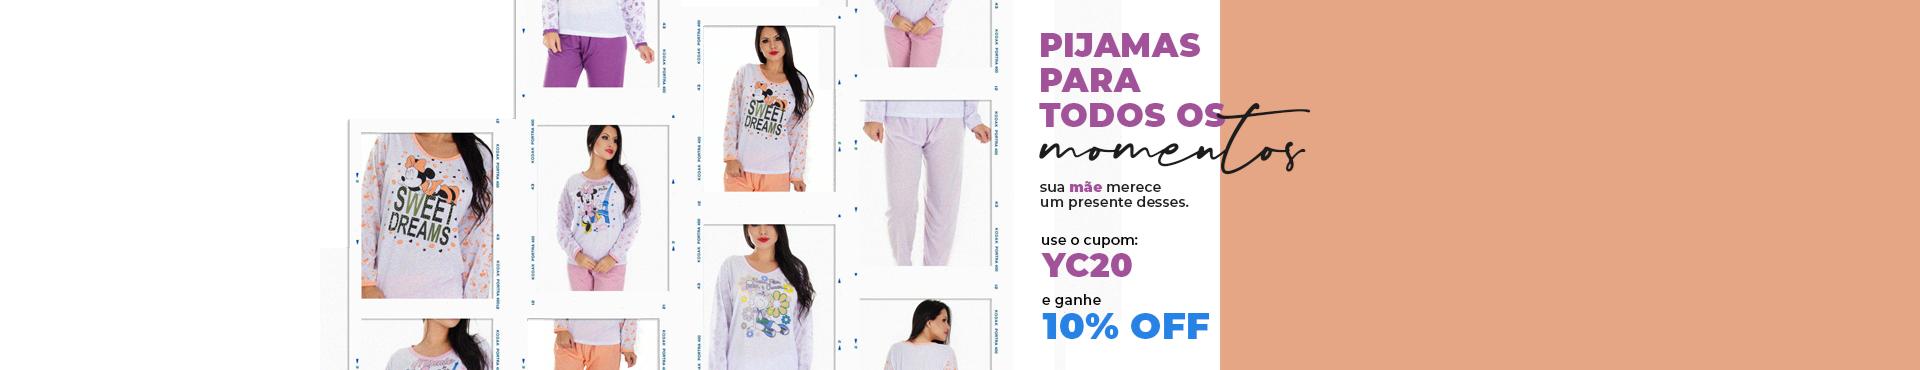 Pijama dia das maes